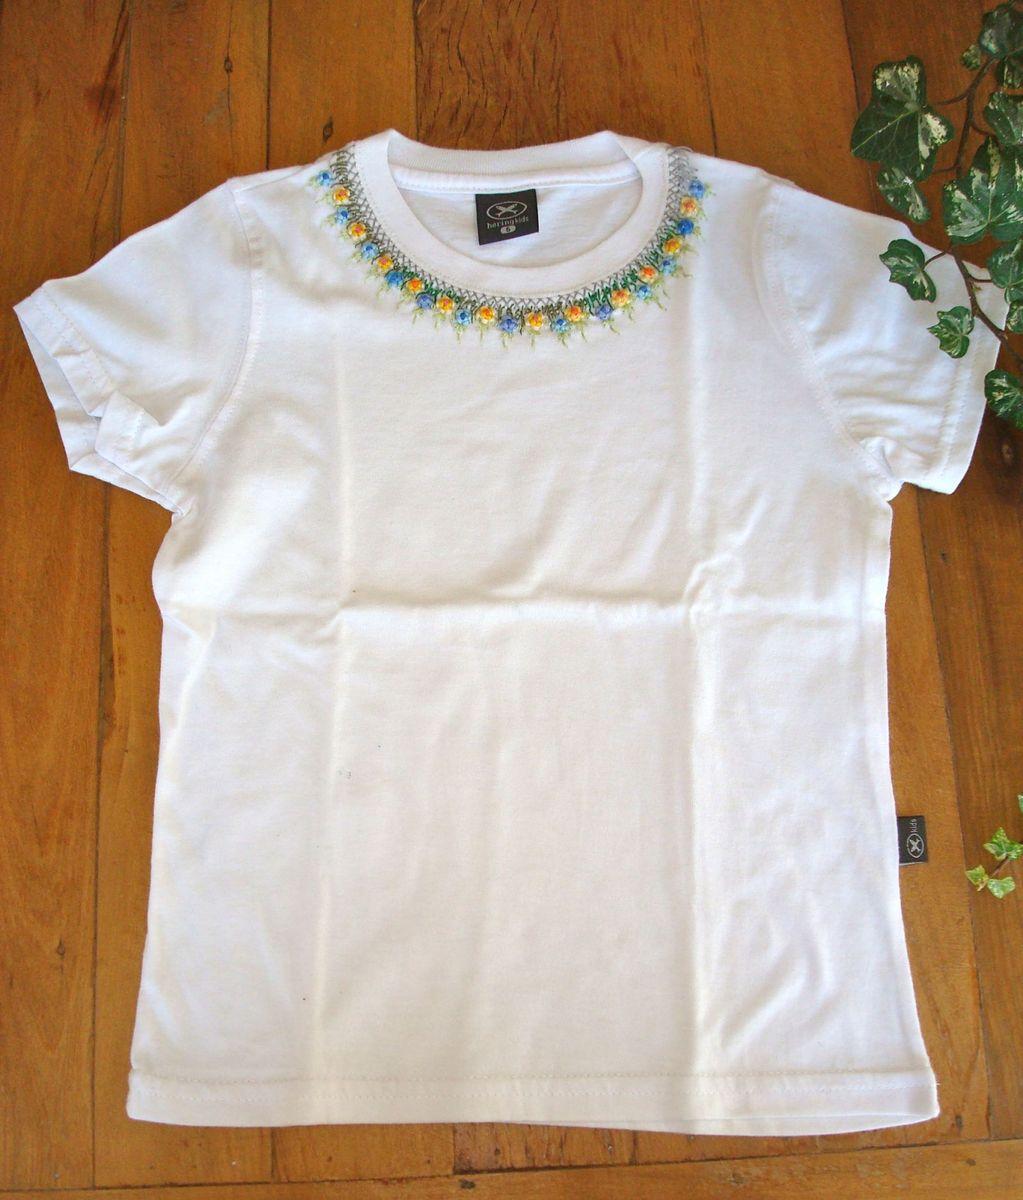 camiseta infantil bordada a mão - menina artesanato da fazenda d61a7d2b16a